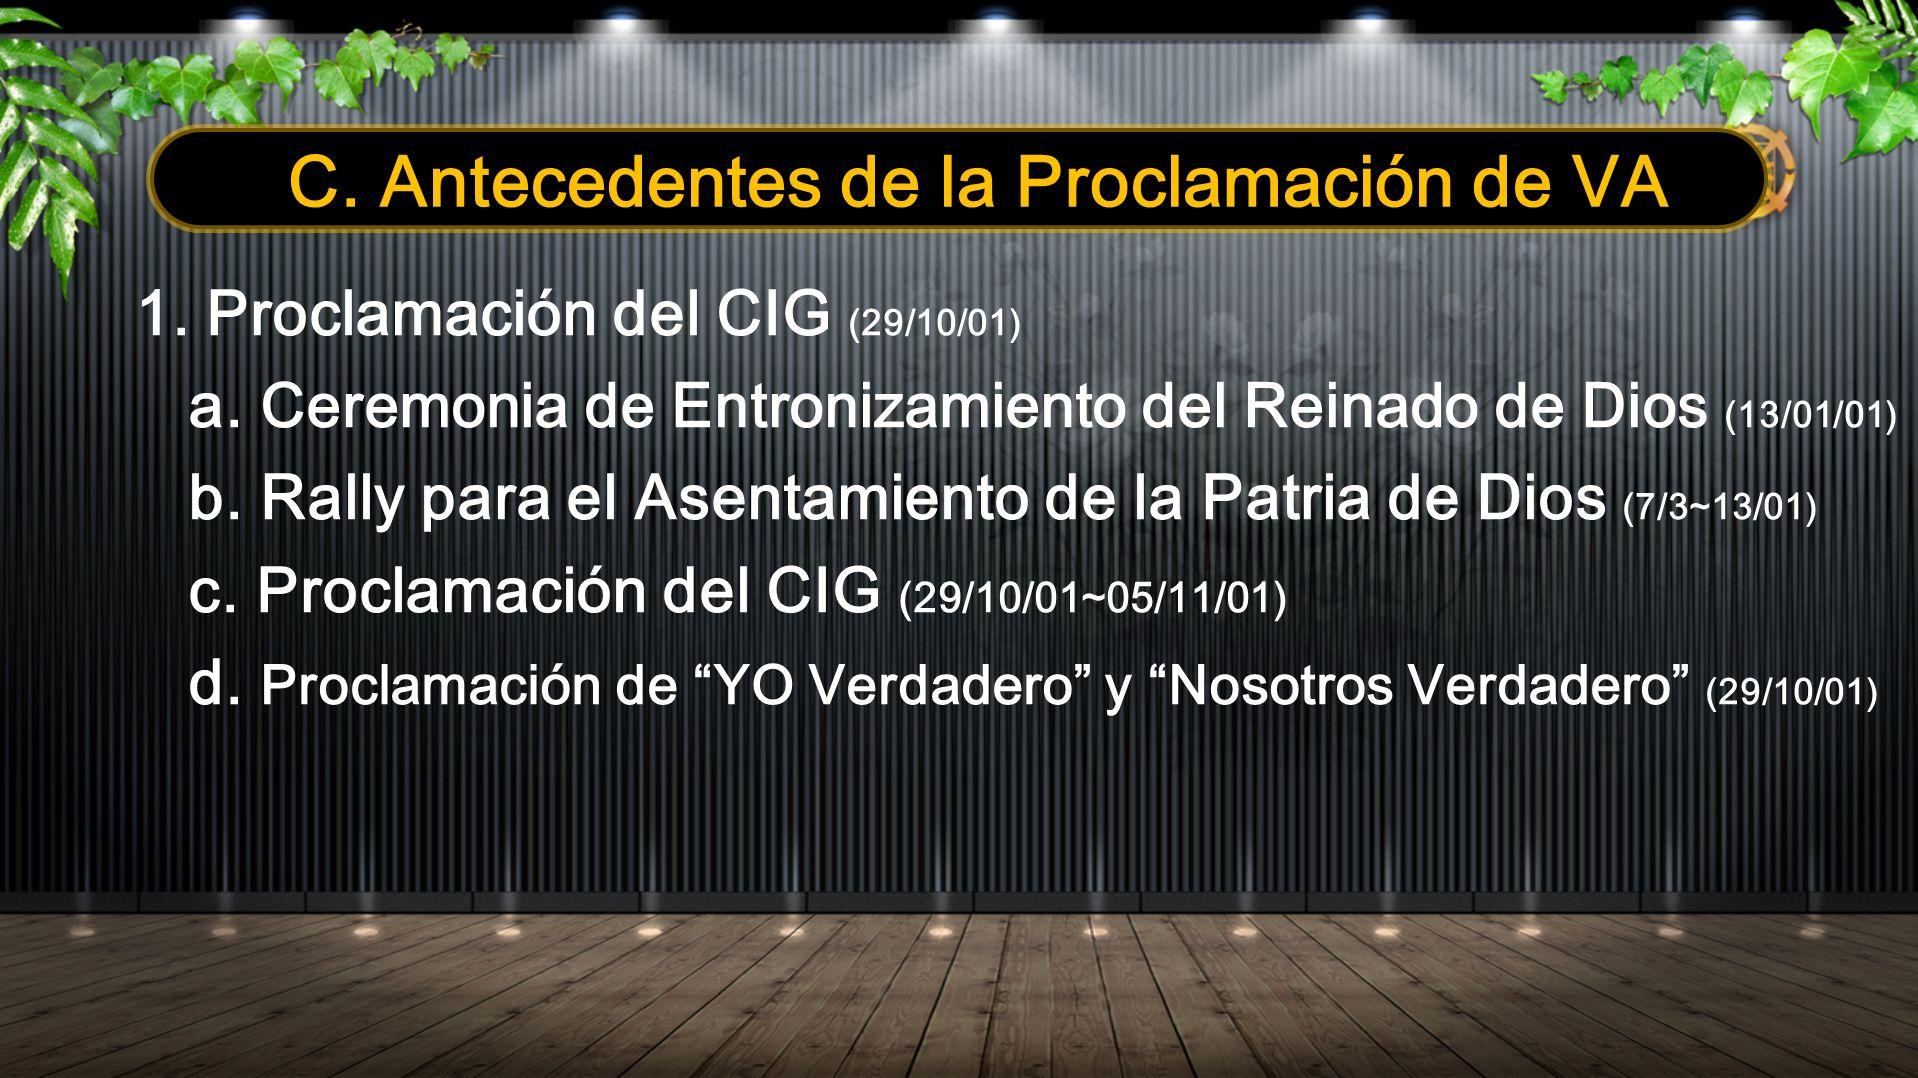 C. Antecedentes de la Proclamación de VA